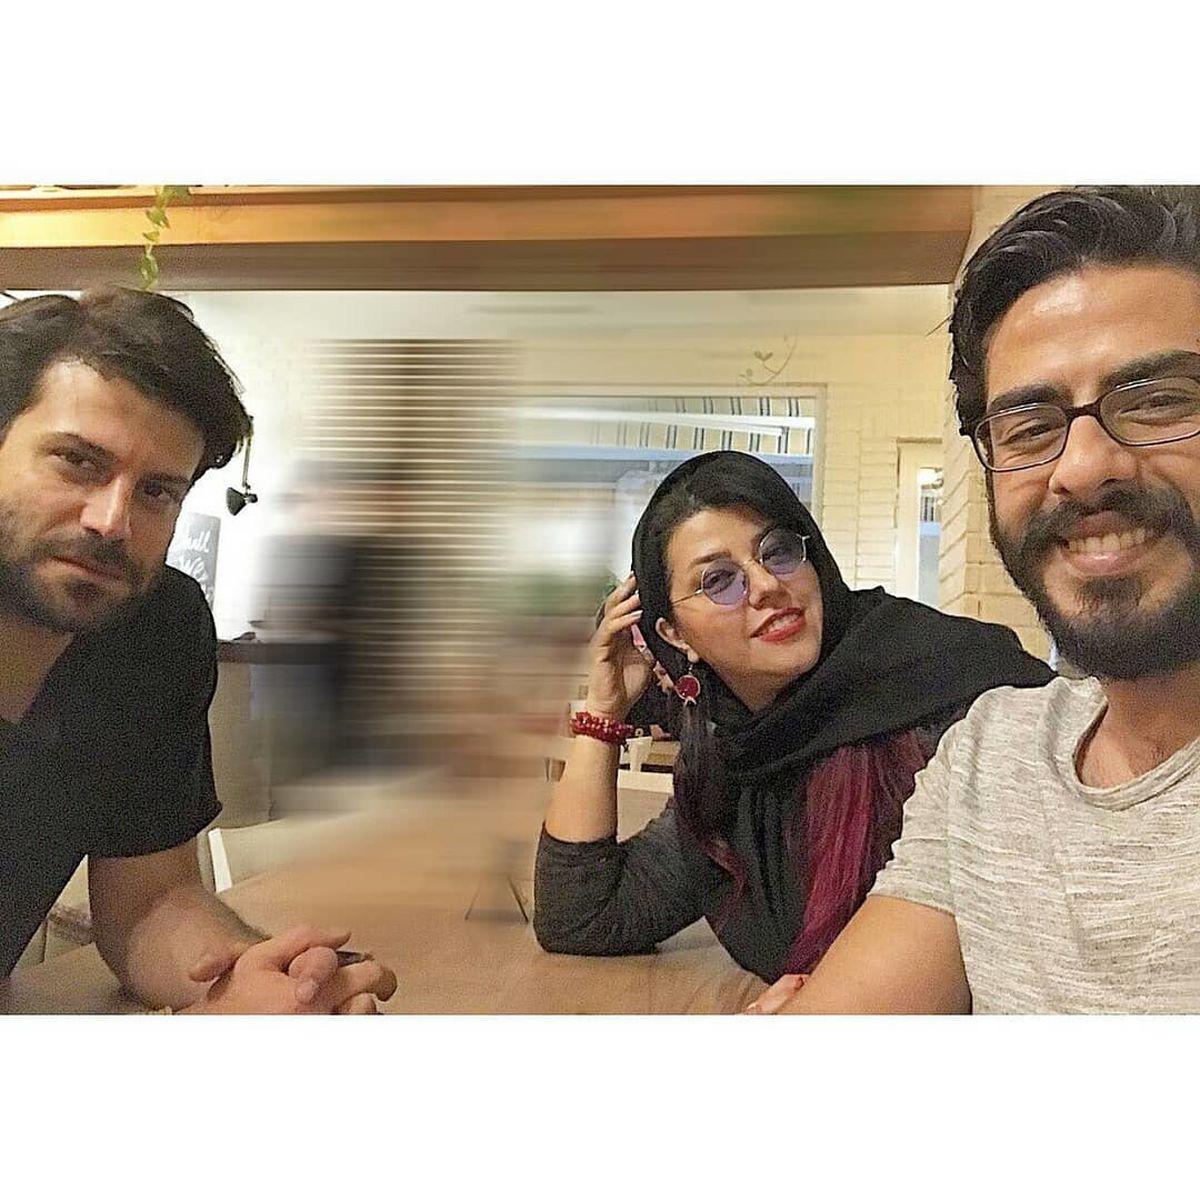 همسر سابق شهاب حسینی در یک رستوران! +عکس